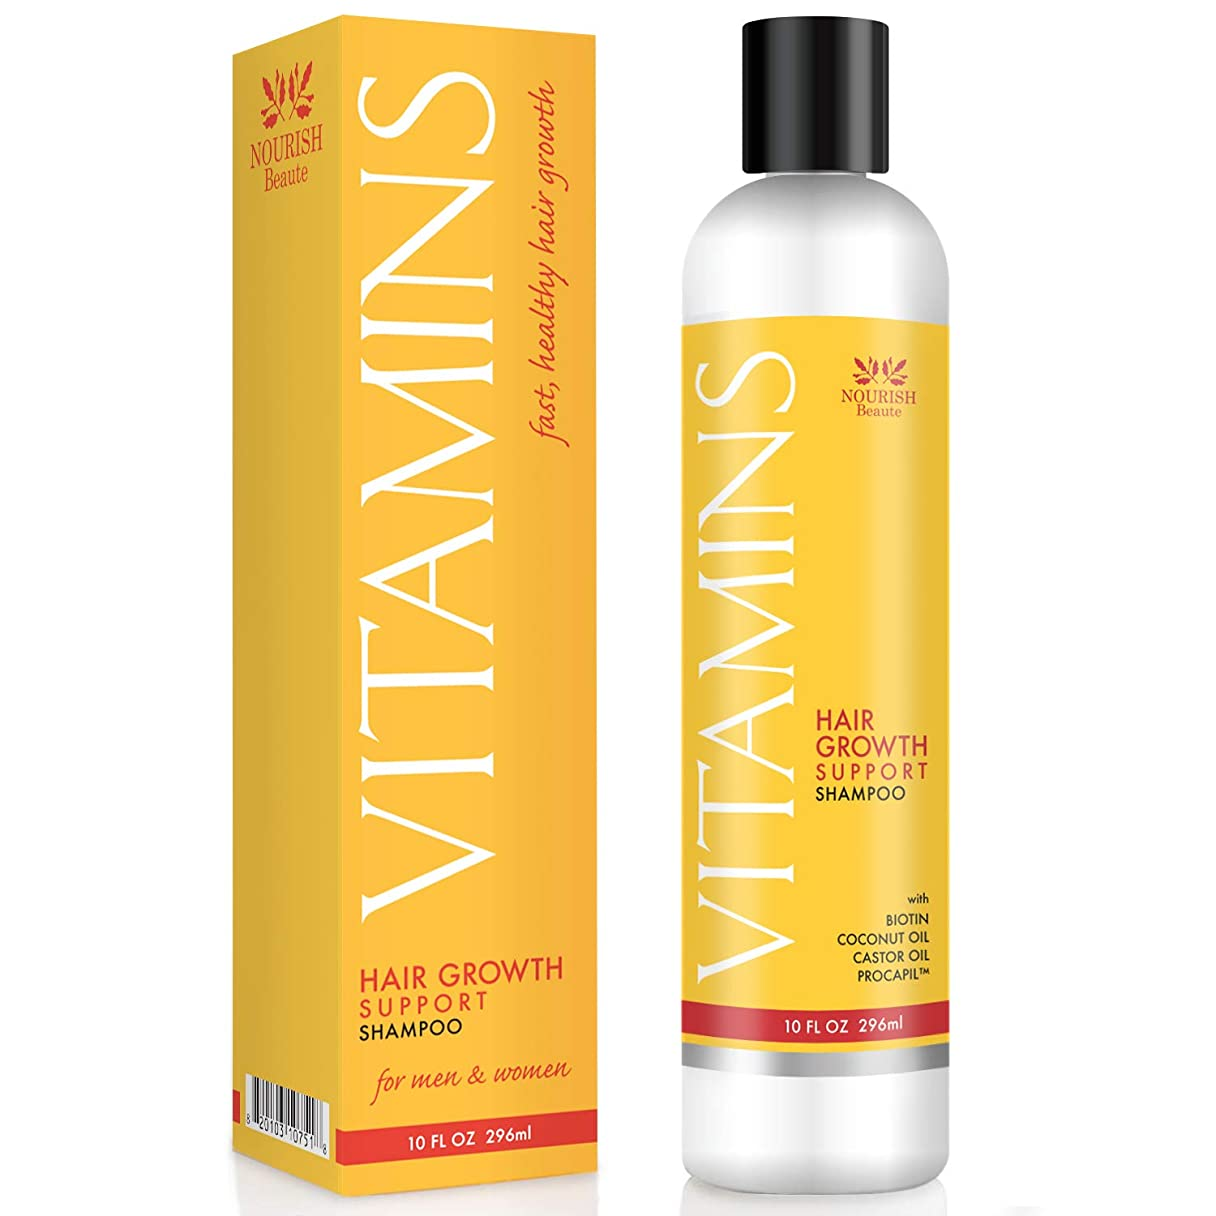 攻撃酸っぱい荒れ地Vitamins Hair Loss Shampoo - 121% Regrowth and 47% Less Thinning - With DHT Blockers and Biotin for Hair Growth – 2 Month Supply